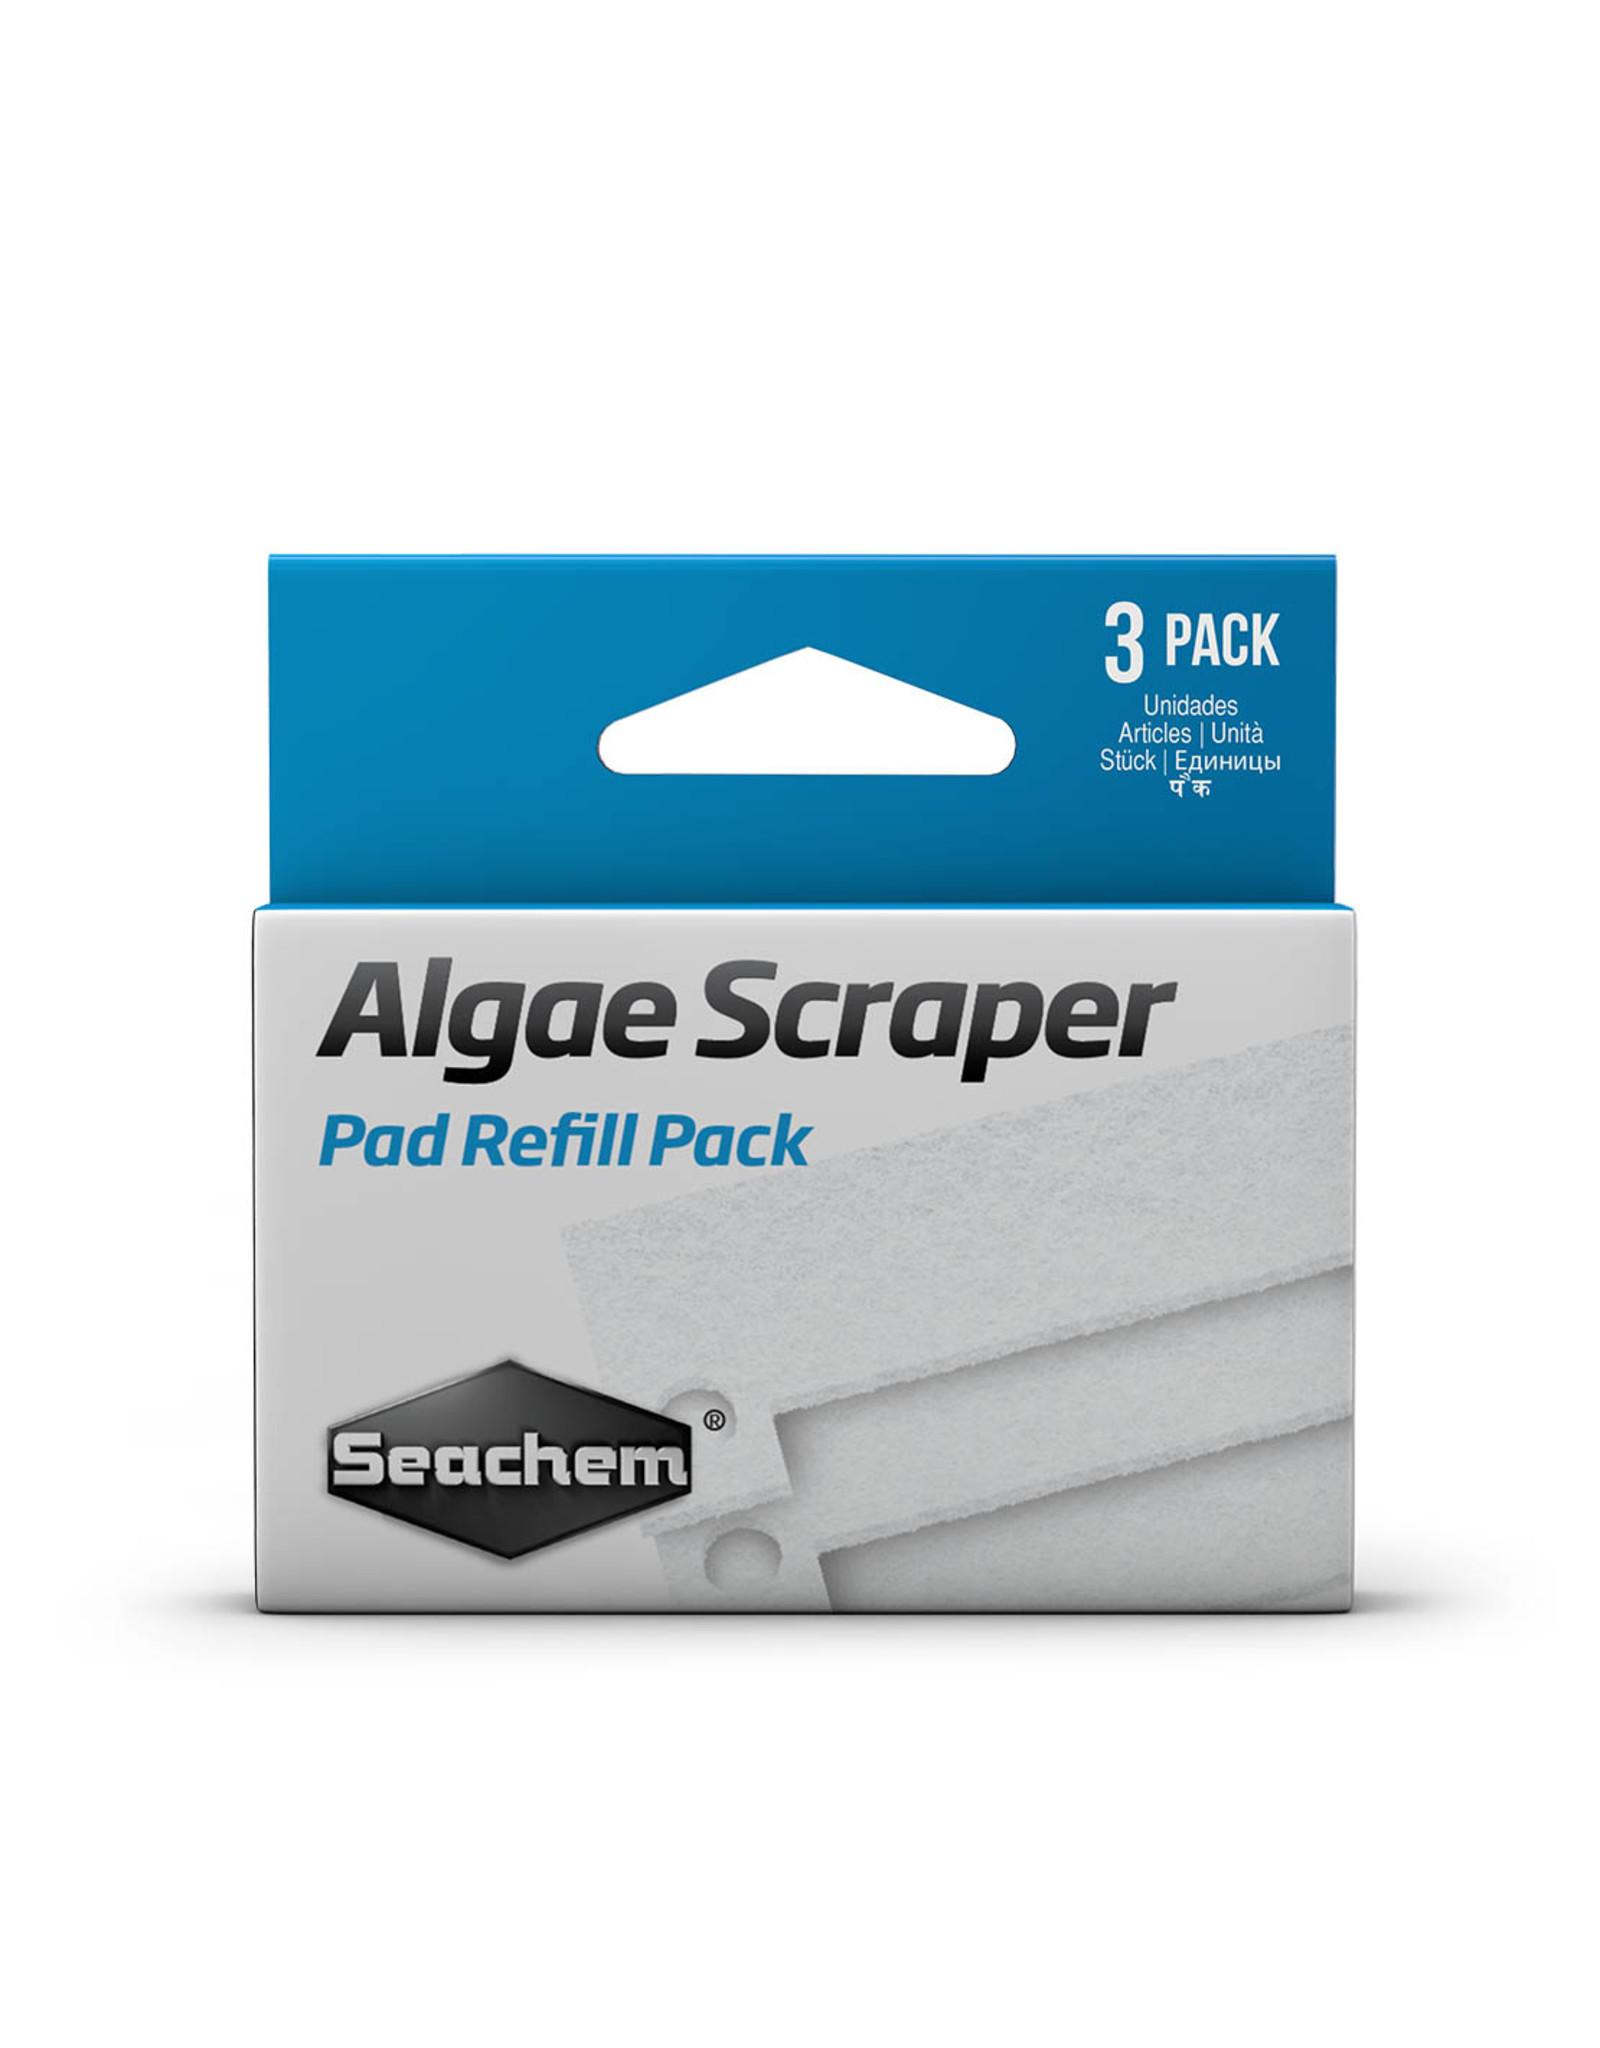 Seachem SEACHEM Algae Scraper Pad Refill 3 Pack